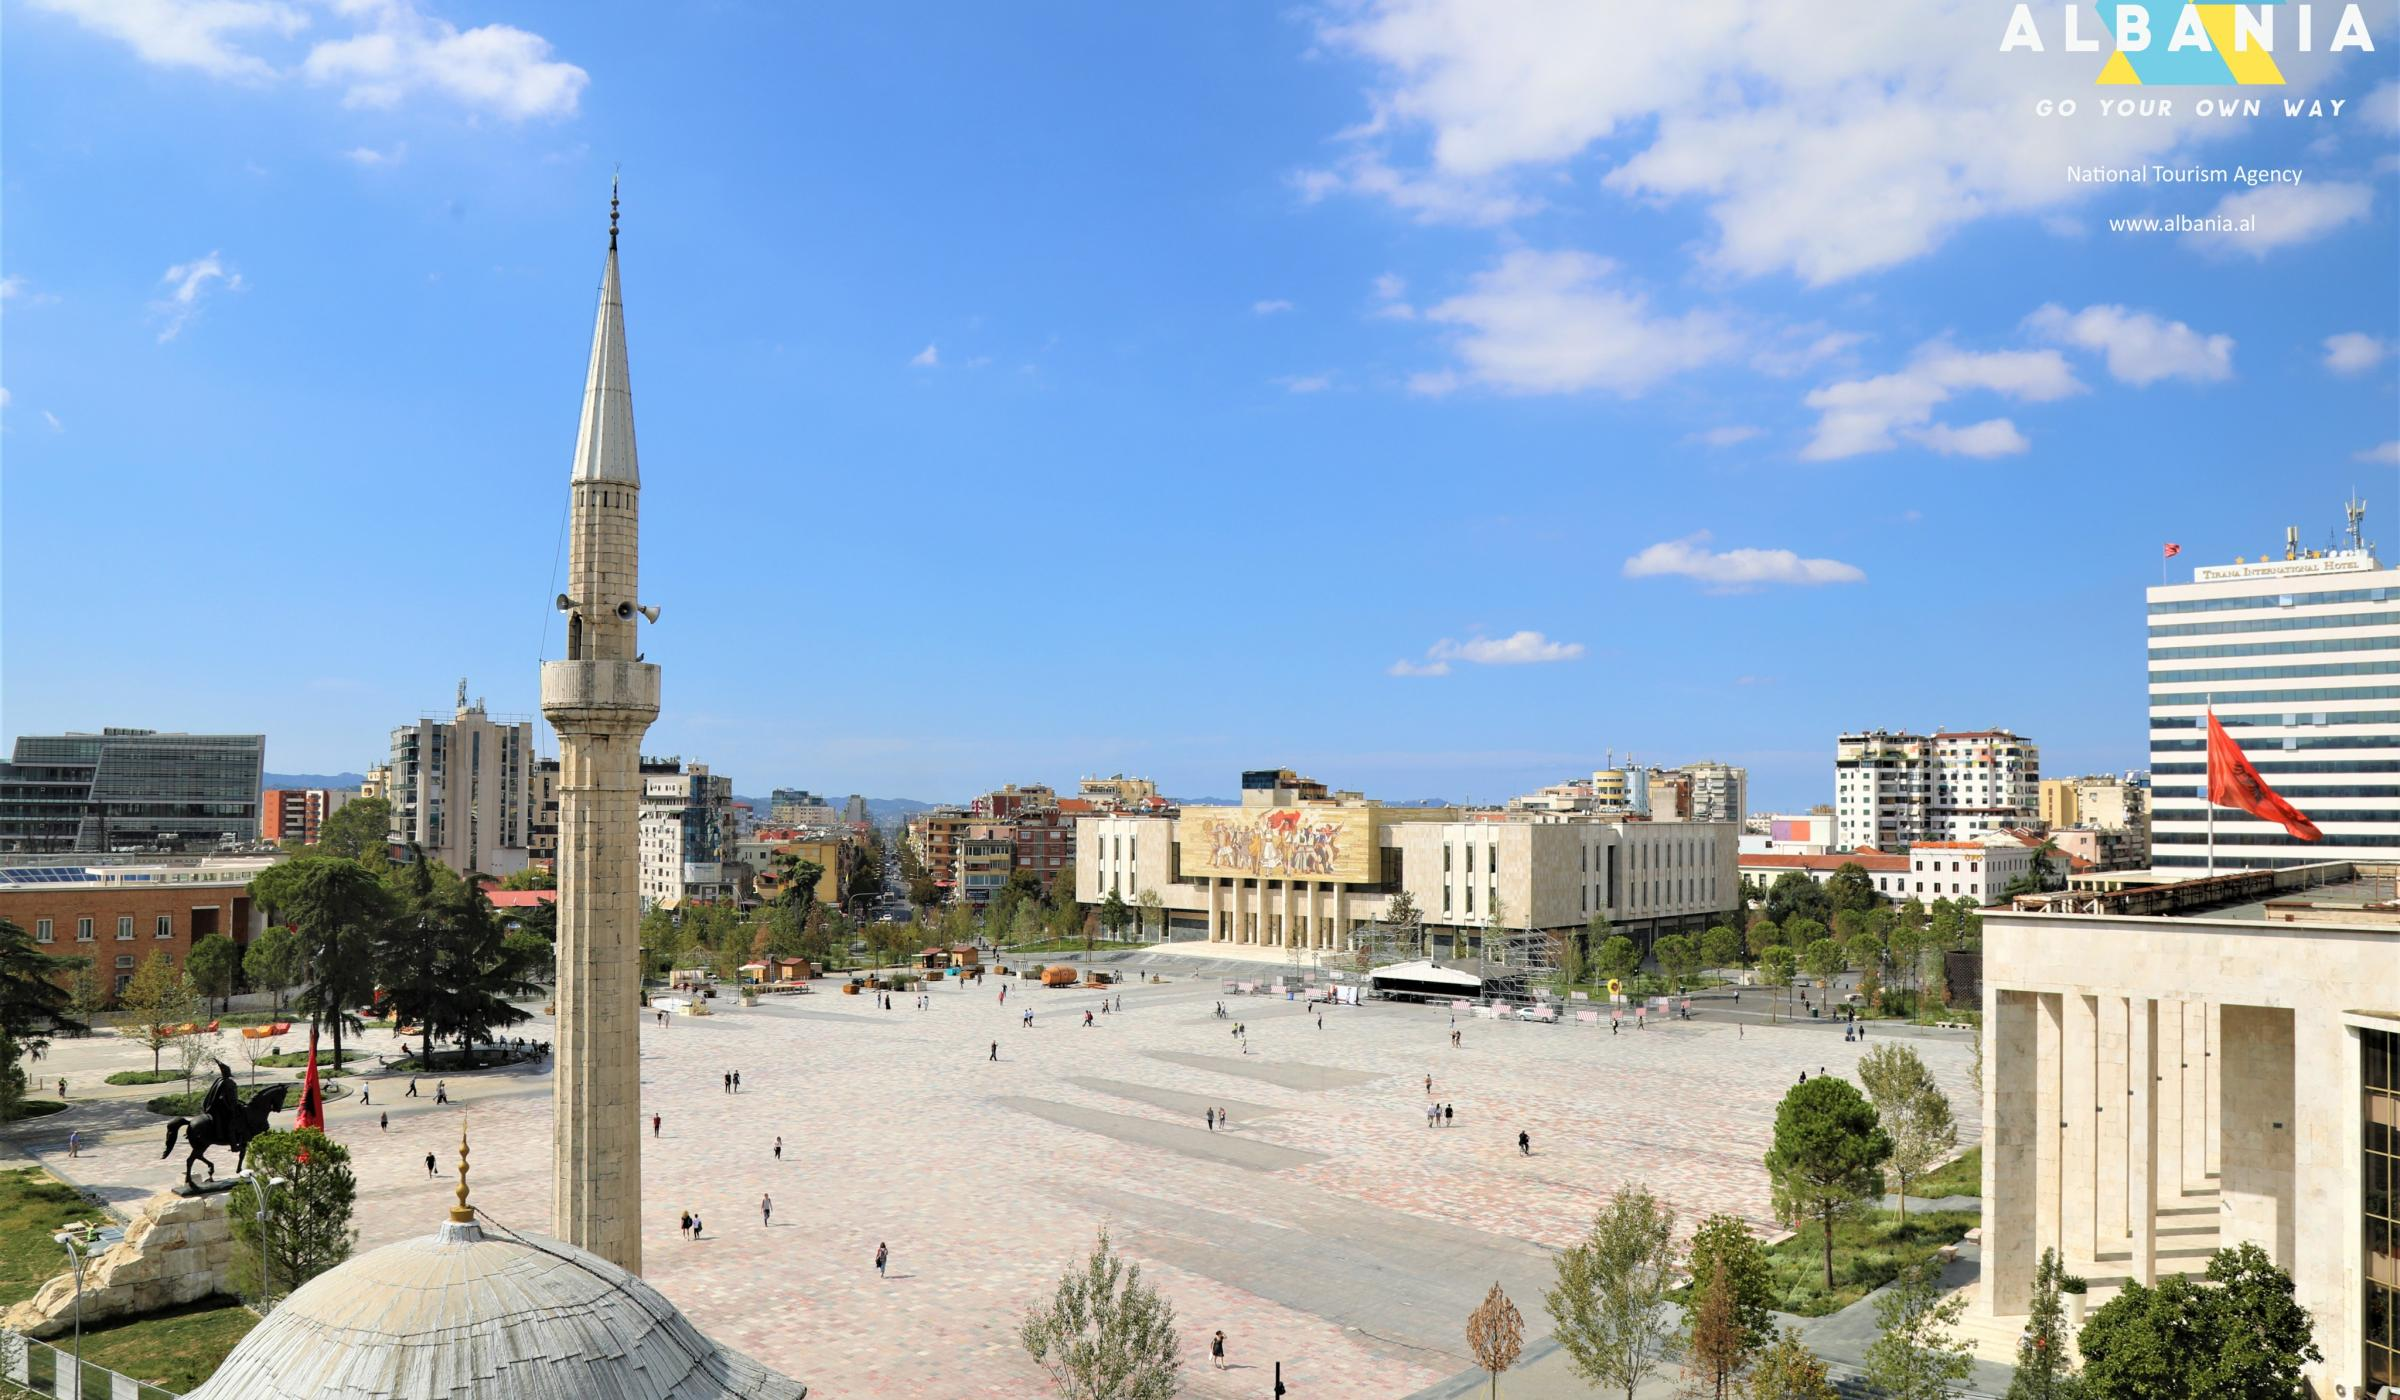 019 8hq4itk85b18ed588ce89 2400 1400 C 75 Essay Example Tourism In Unbelievable Albania Full